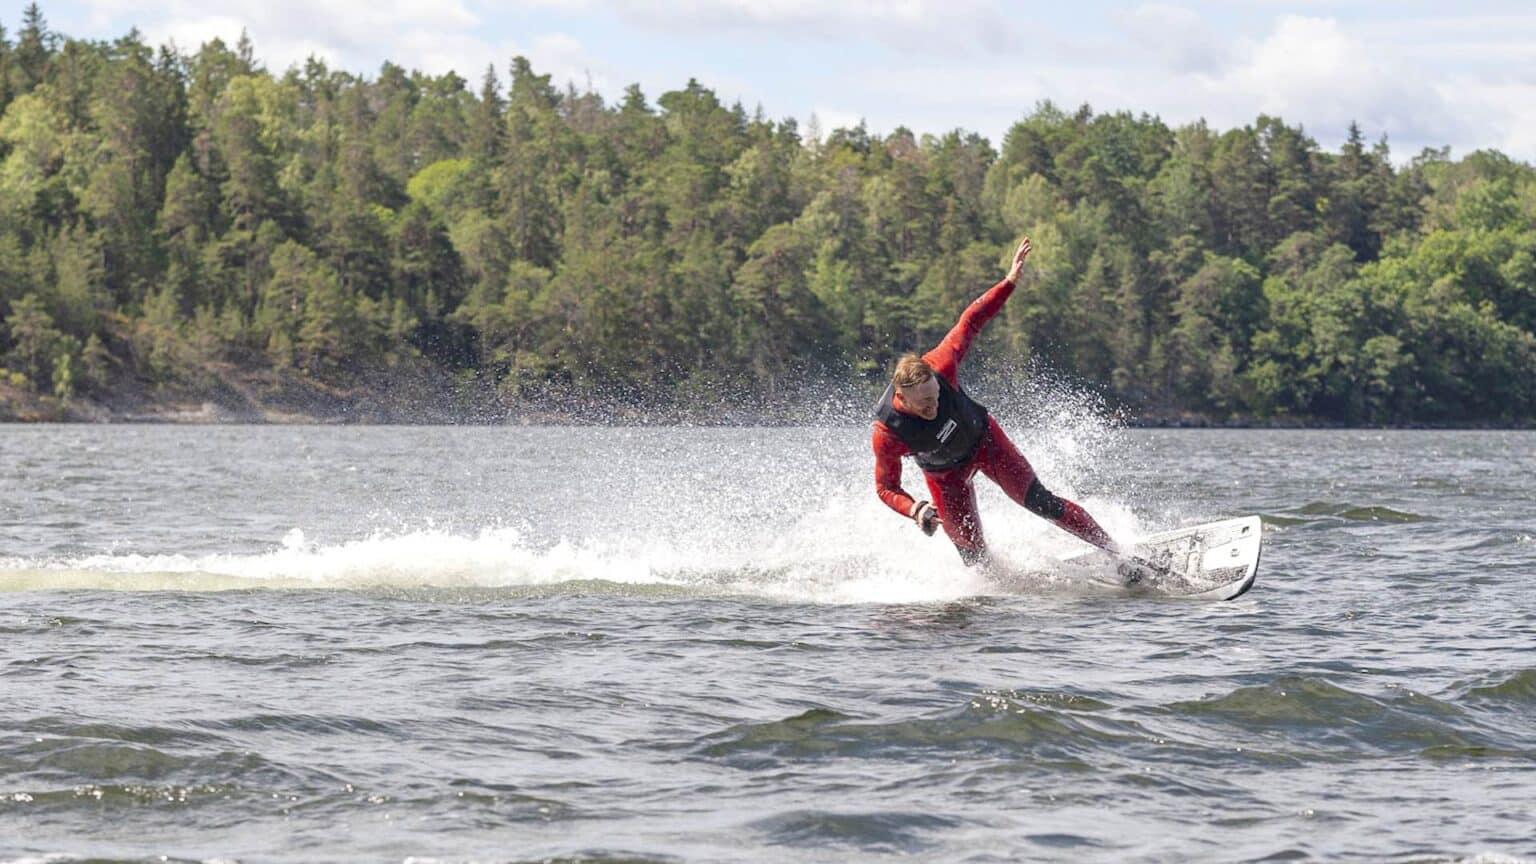 Awake Electric surfboard puff